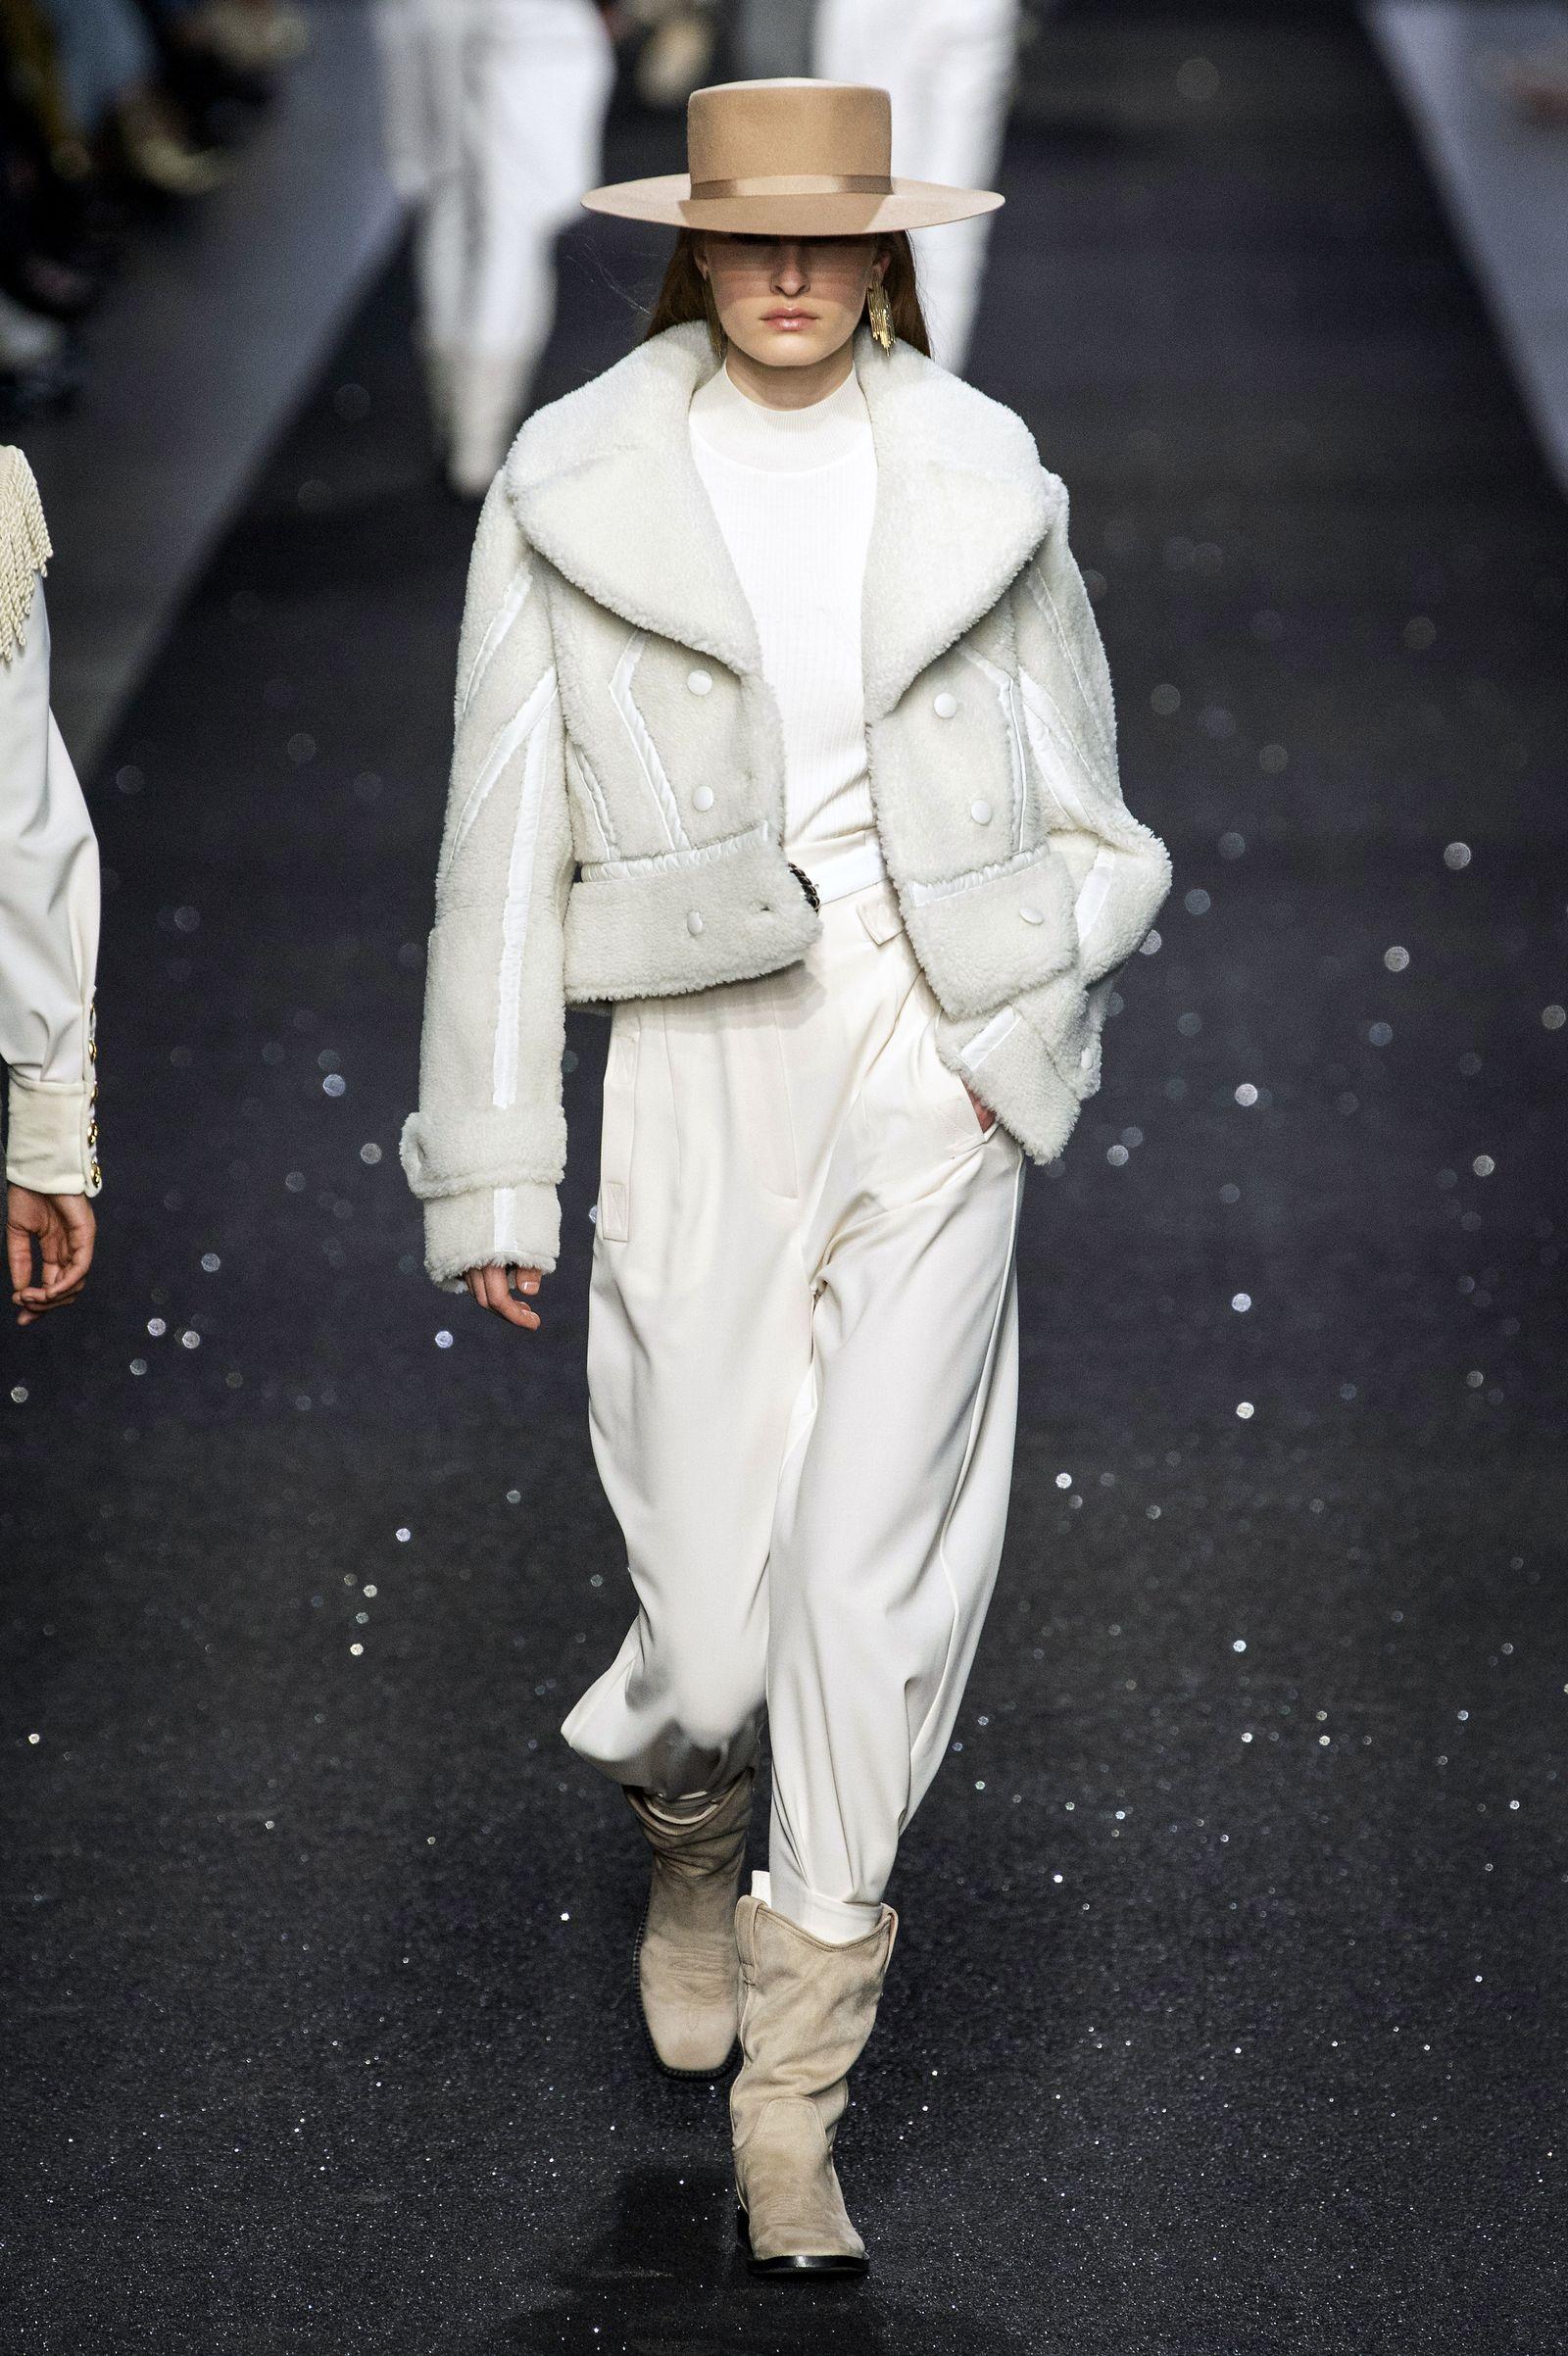 Le giacche shearling aka i cappotti più caldi di sempre dettano tendenza (e il motivo è chiaro)